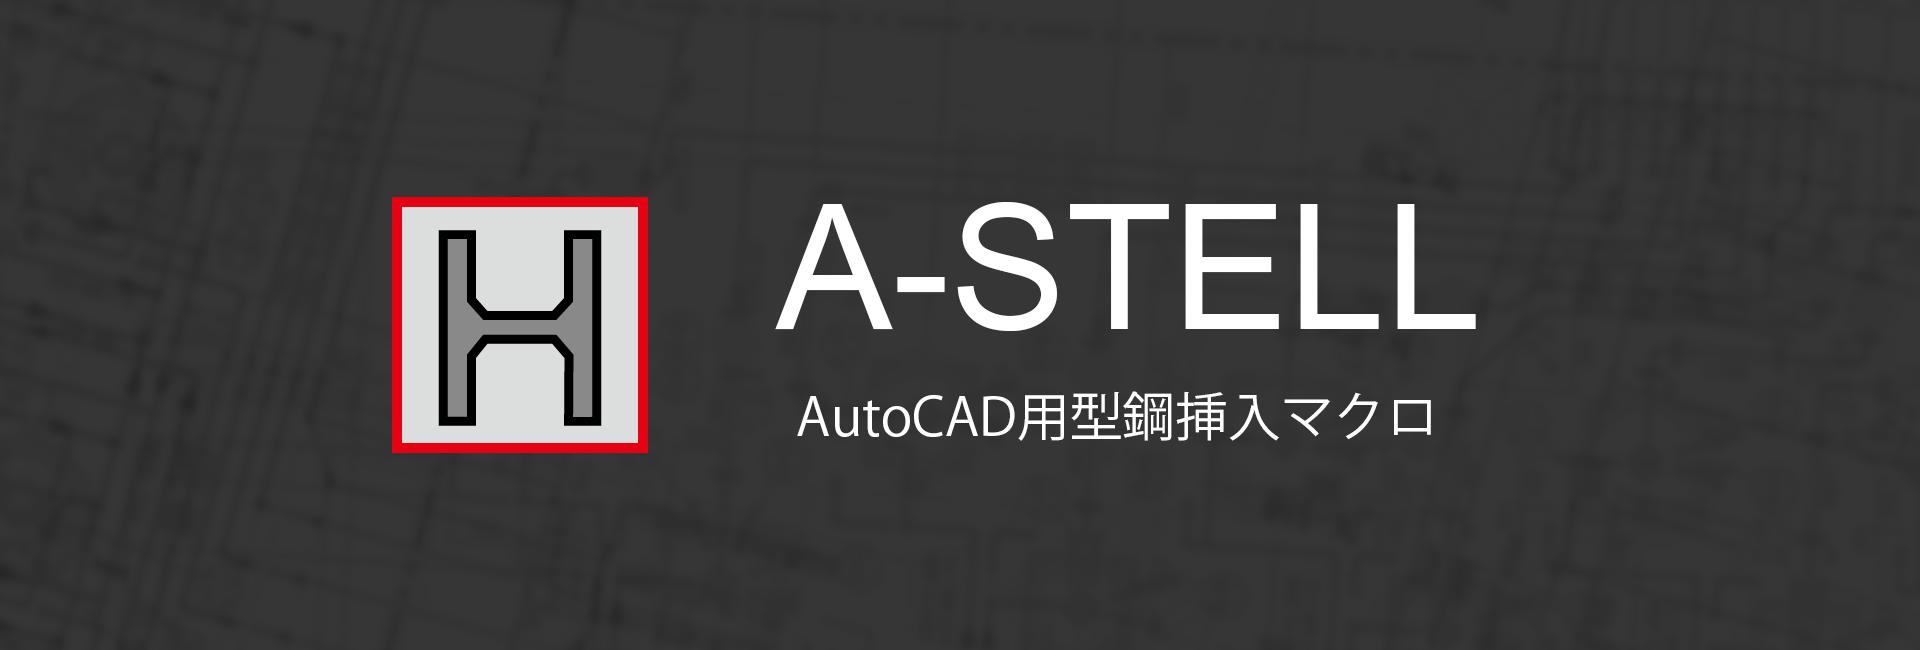 A-STEEL